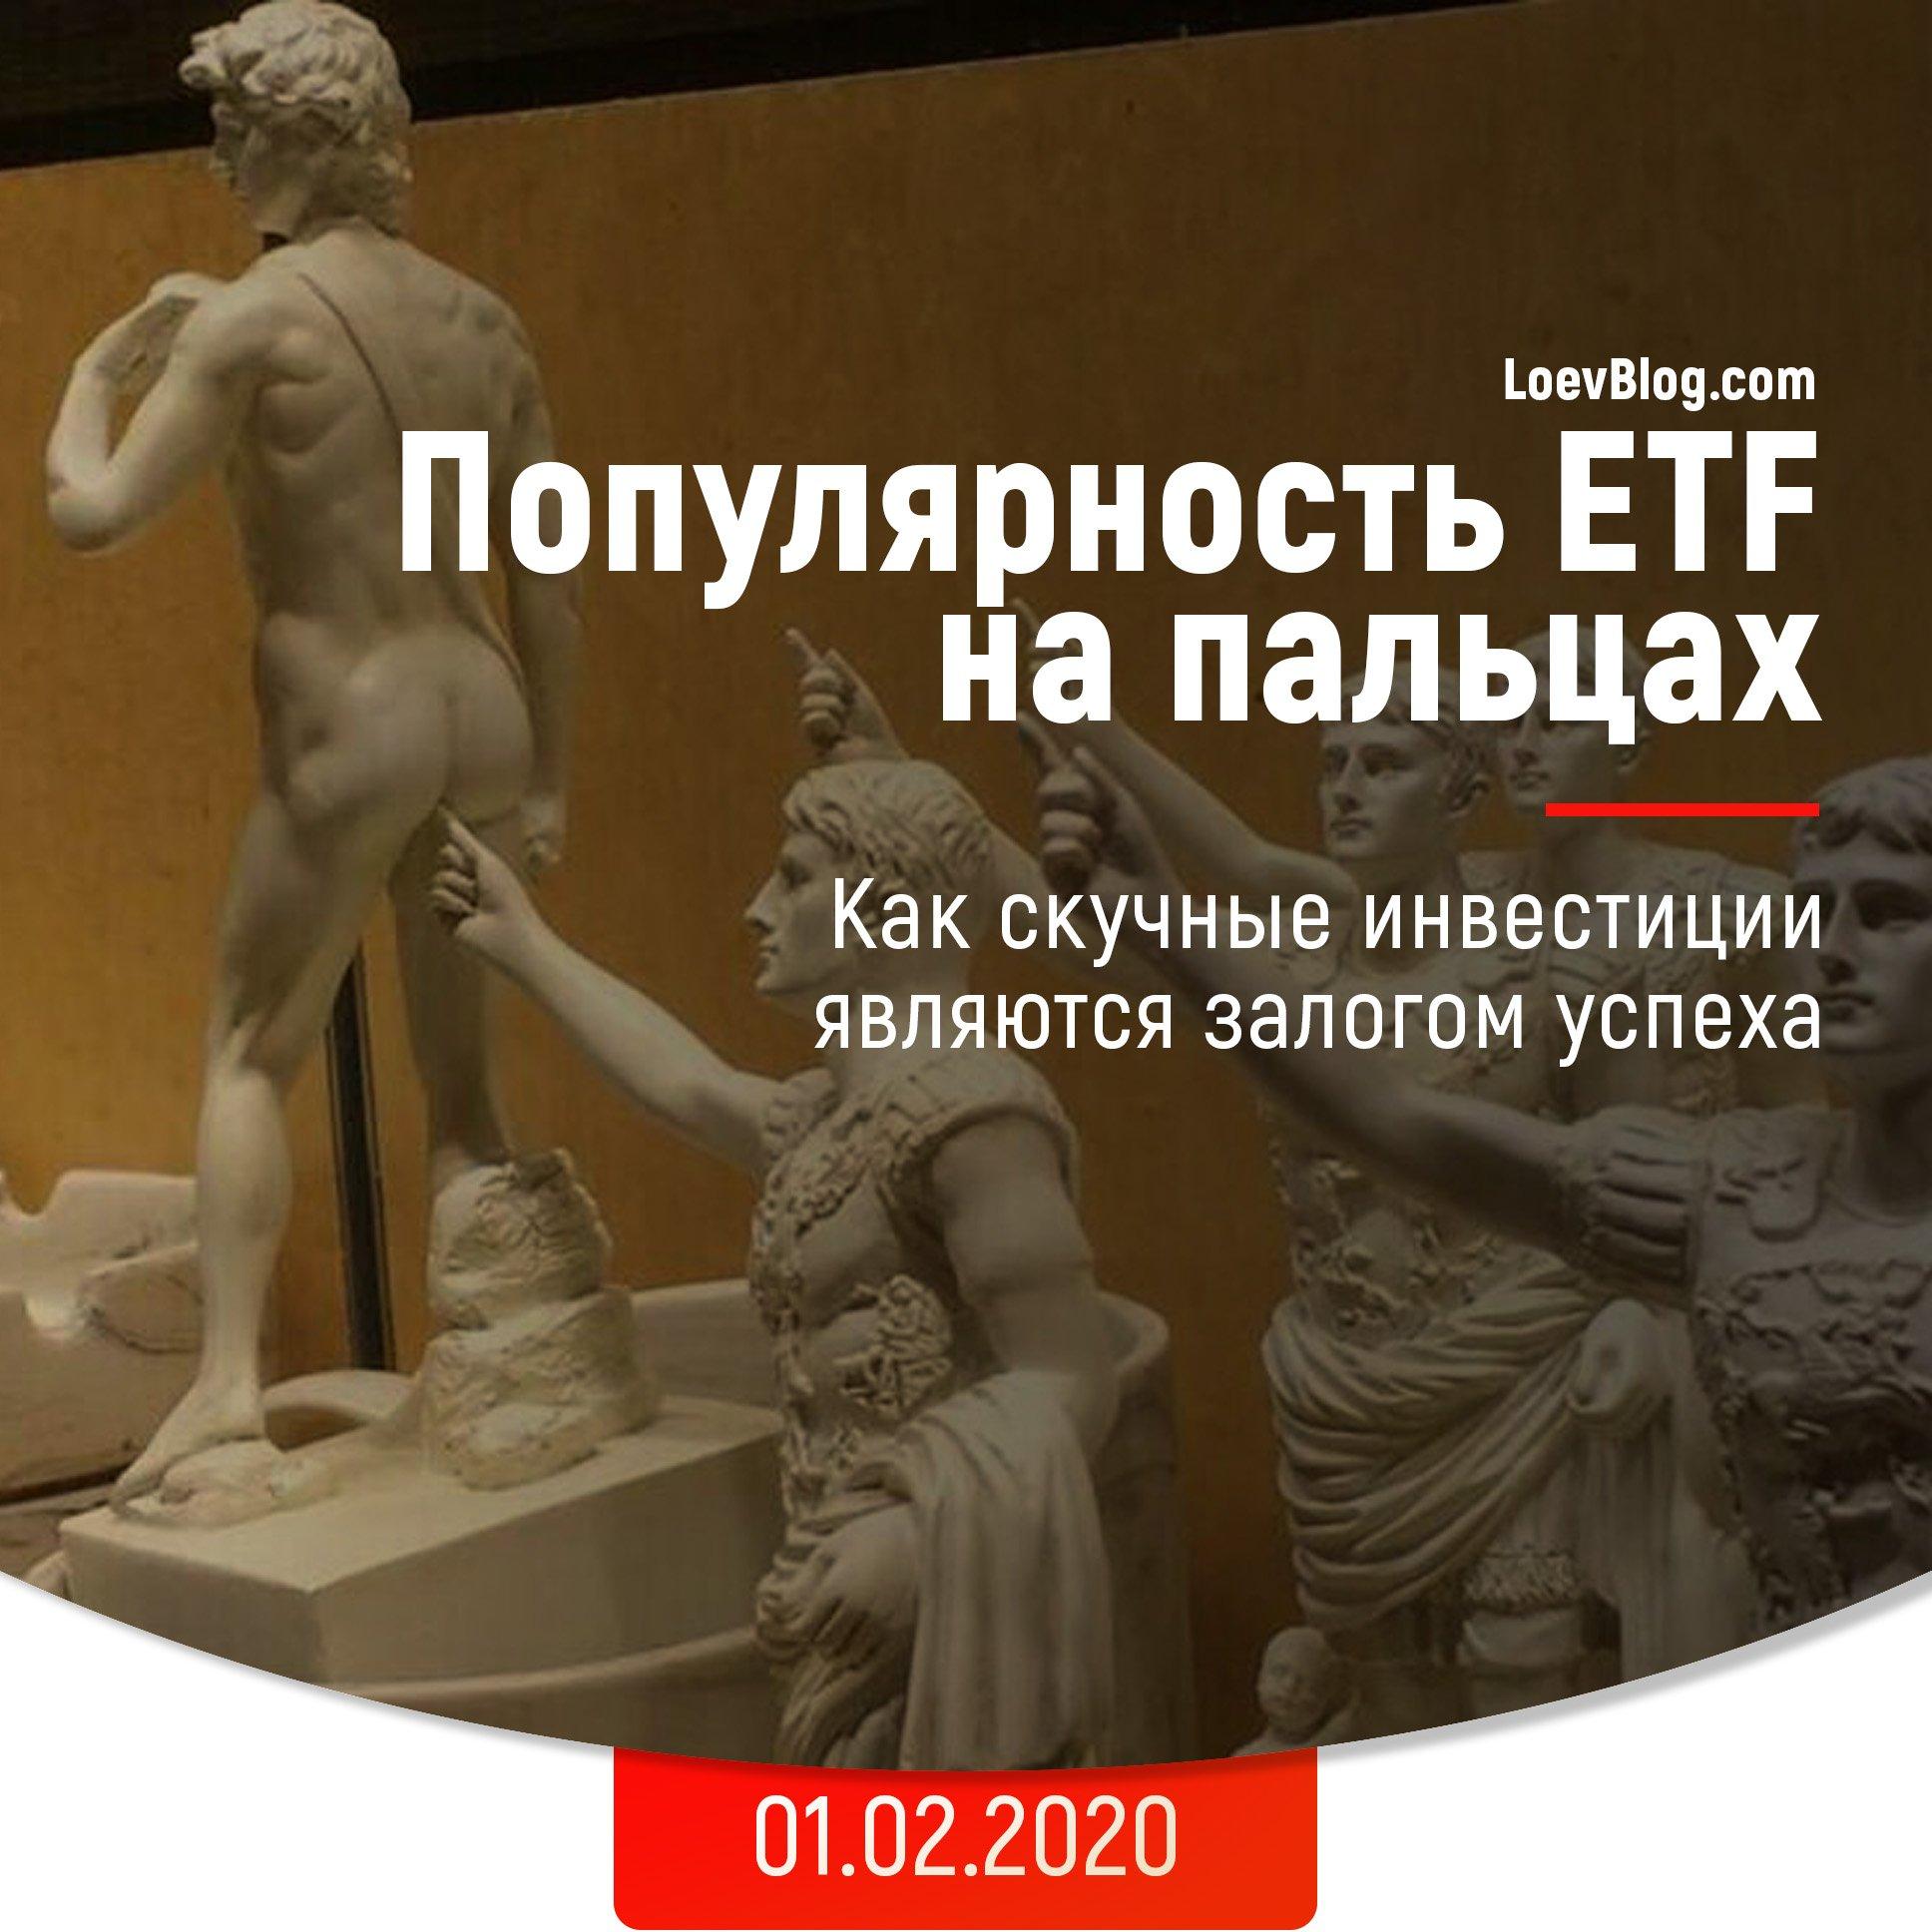 ETF на пальцах. Спокойные инвестиции и заработок на фондовом рынке 10